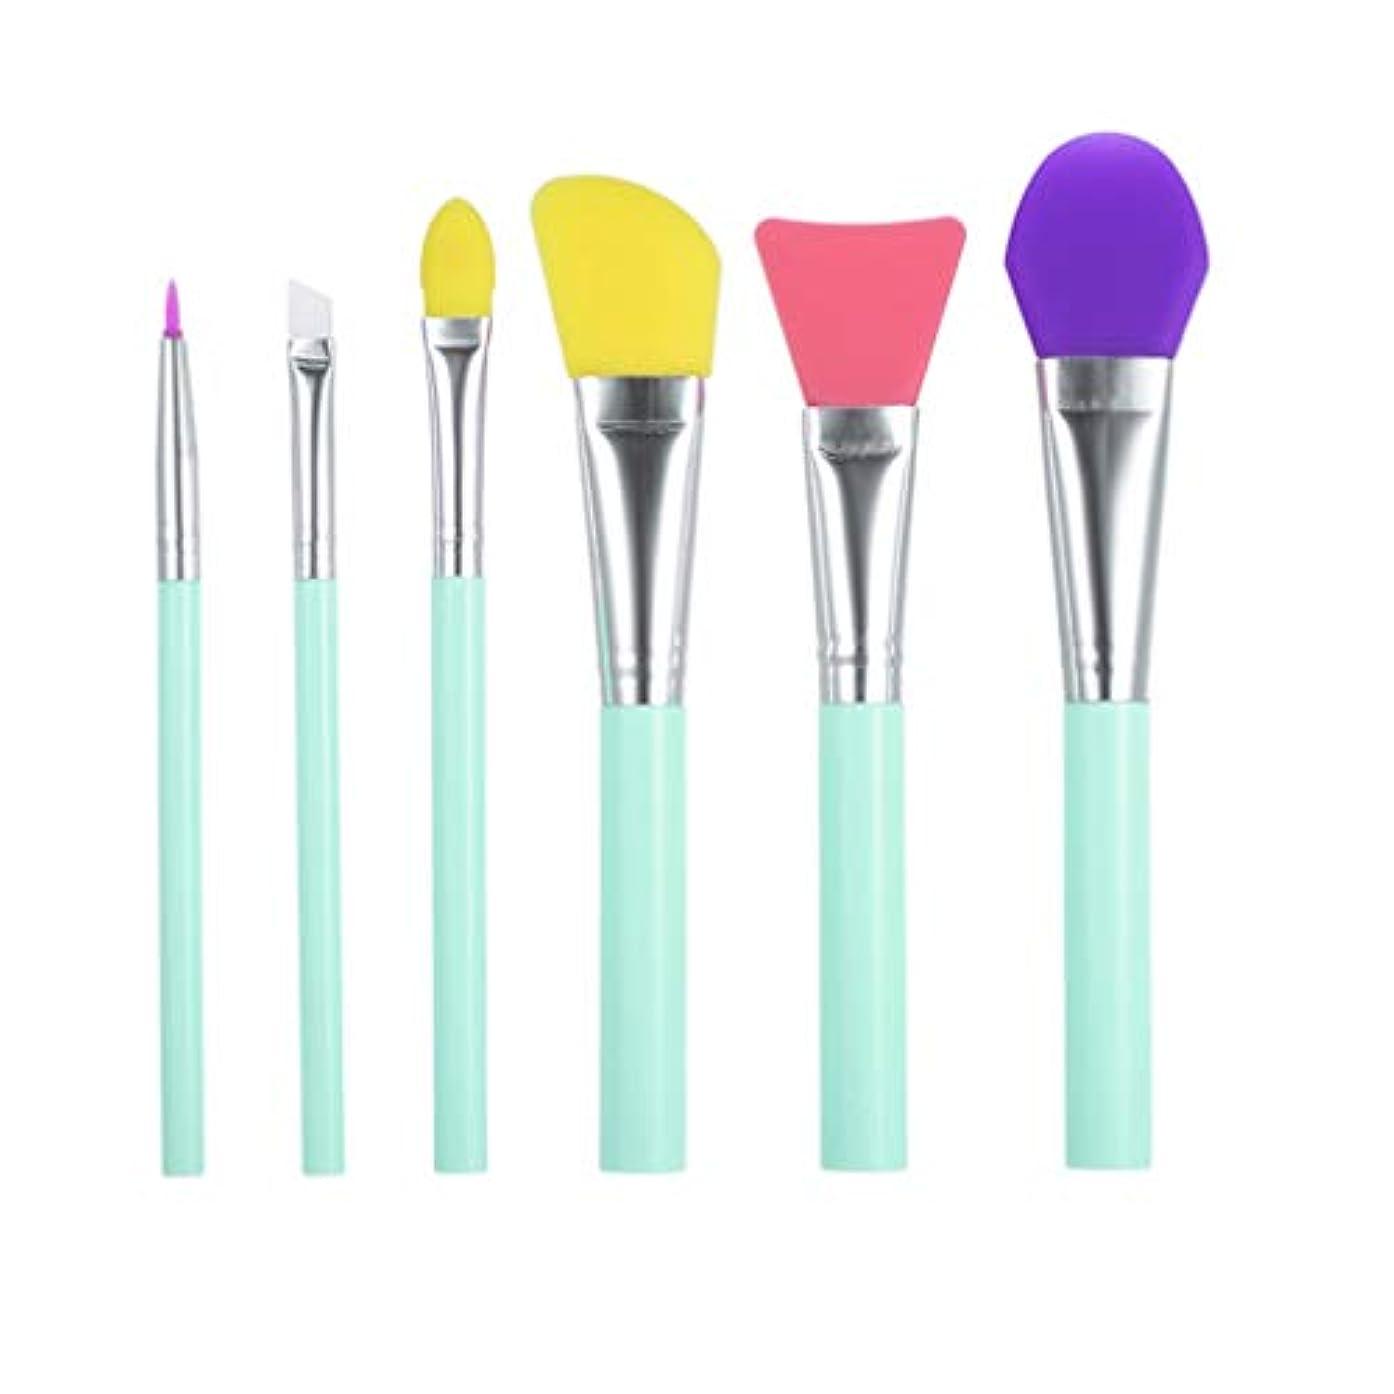 言及するスキーム奇跡的なLurrose 6 Pieces Silicone Facial Mask Brush Silicone Face Applicator Brush For Face Mask Application Or DIY Mask...